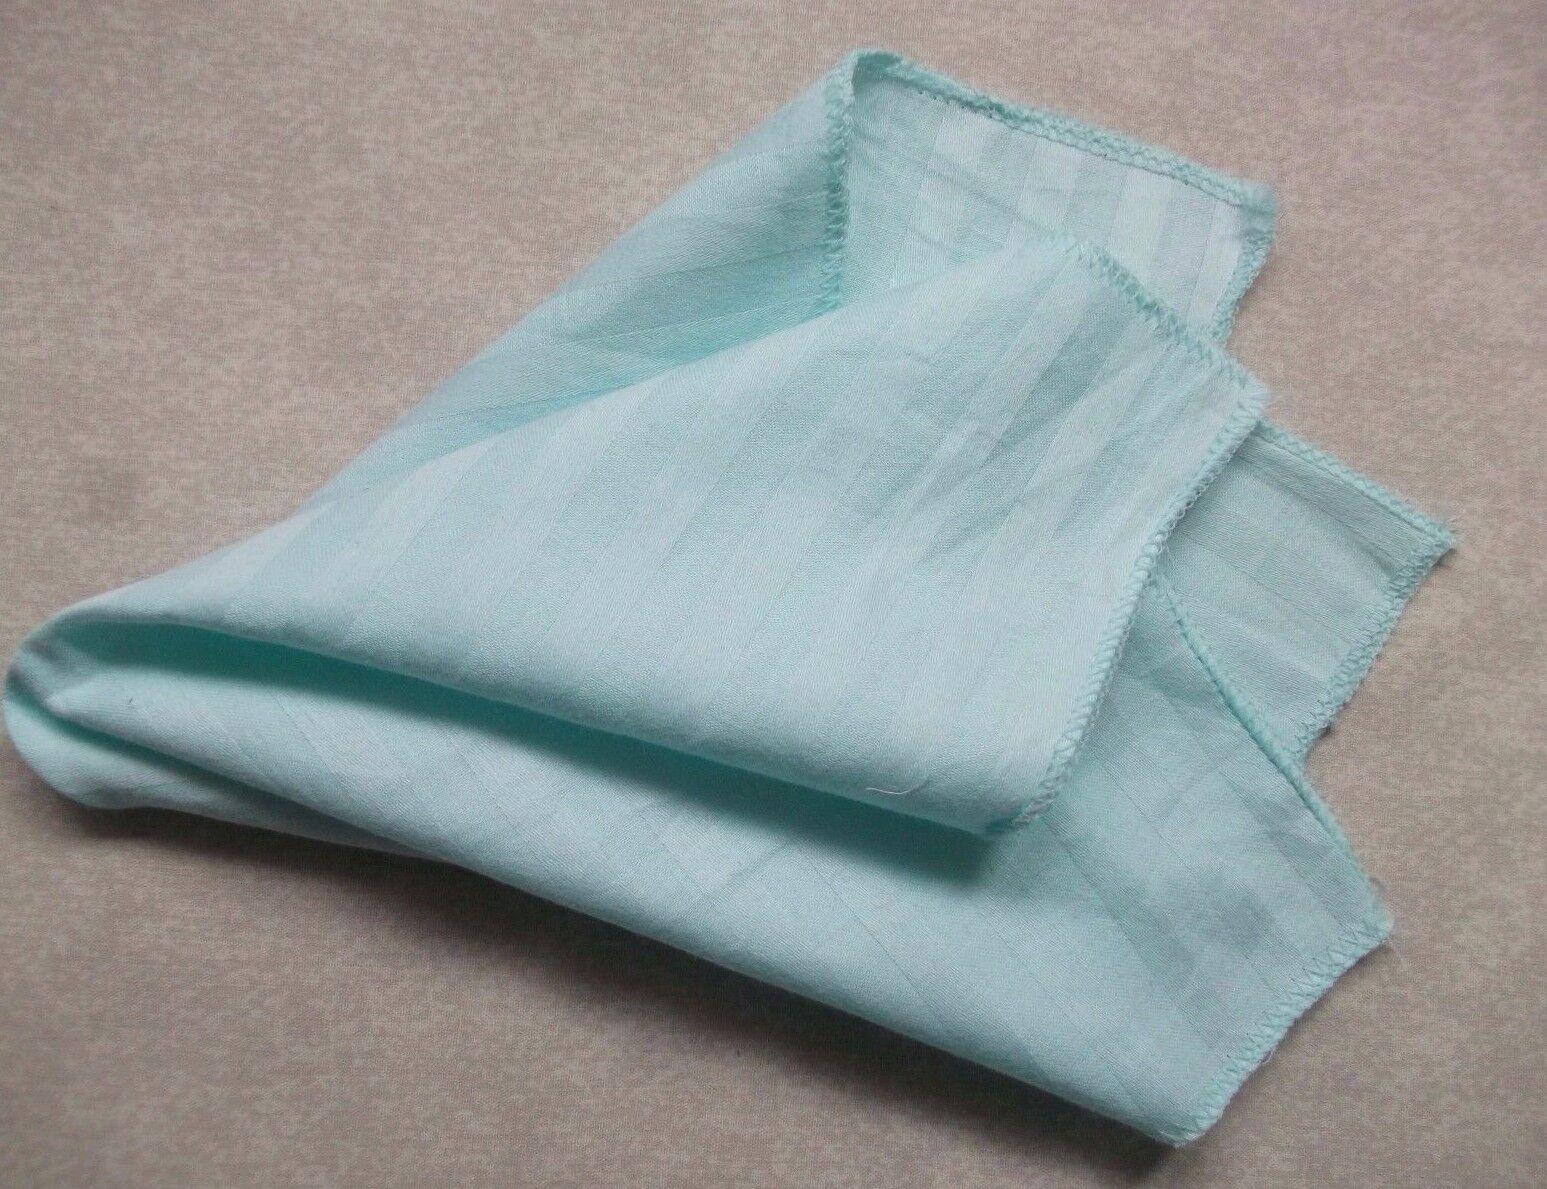 Taschentuch Baumwolle Tasche Quadratische Taschentuch Herren Taschentuch Aqua